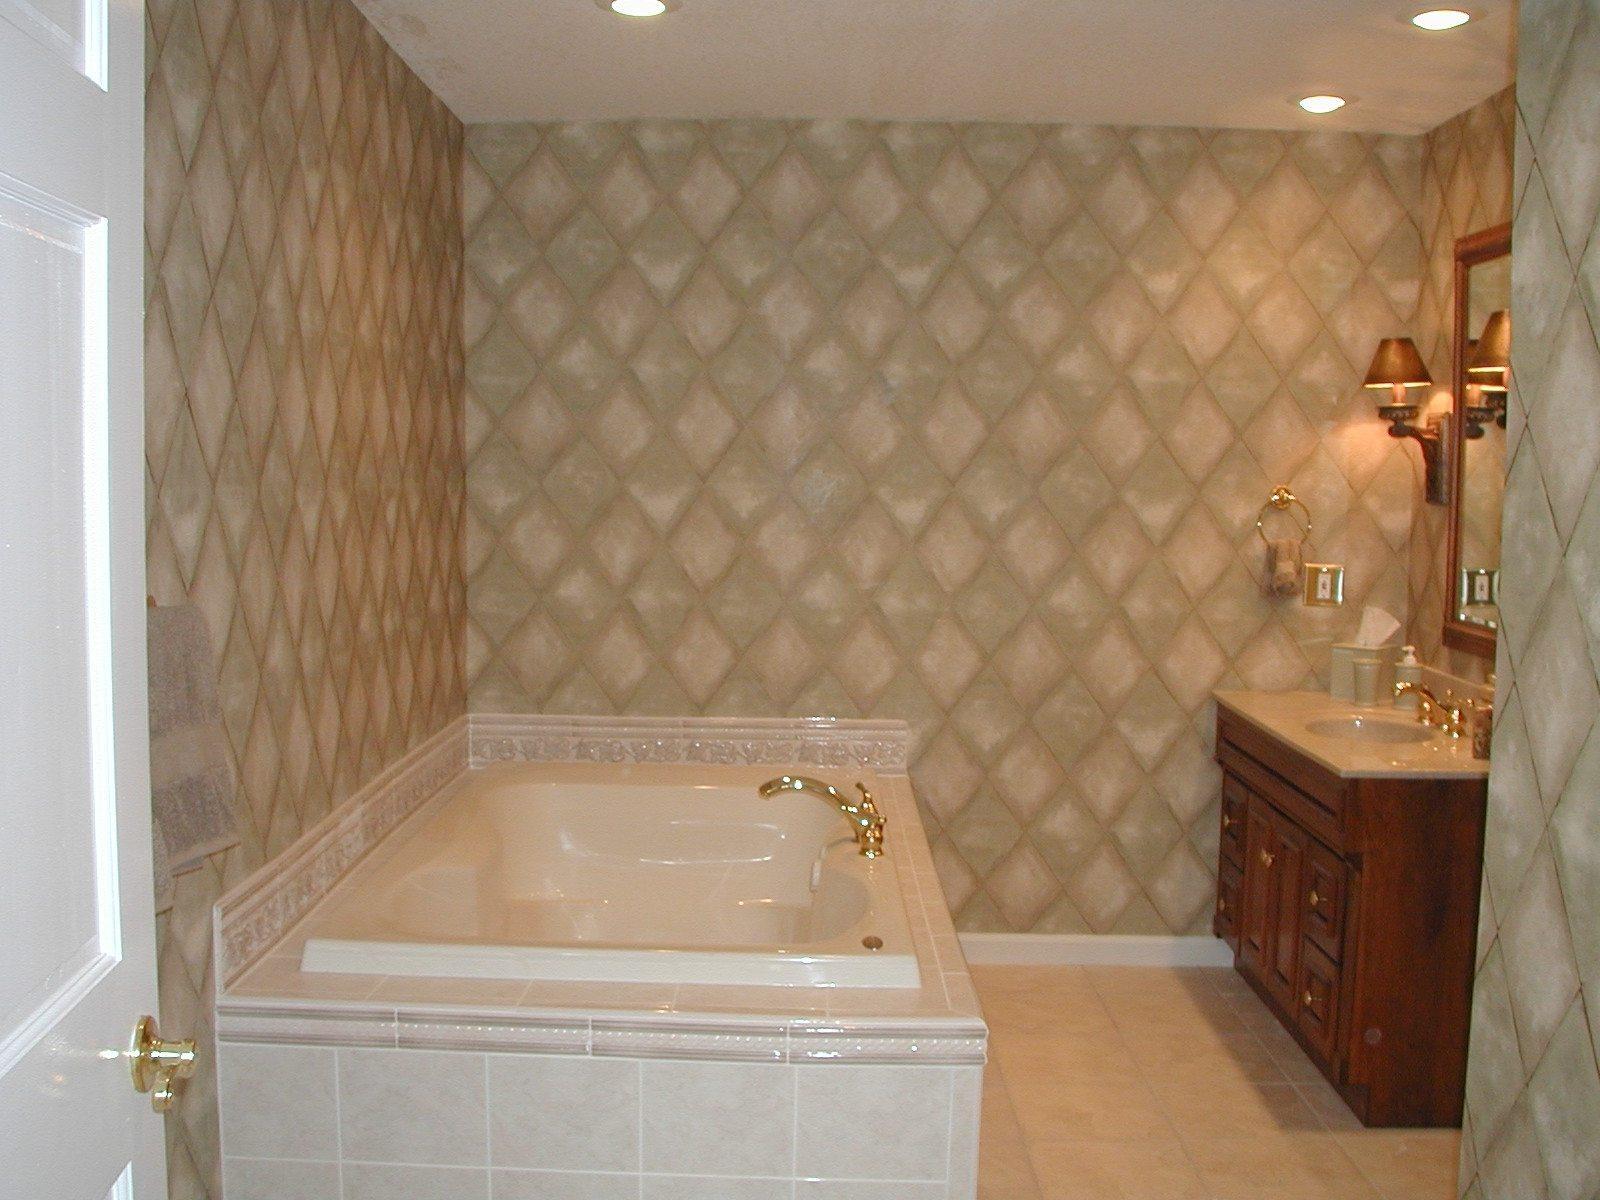 home bathroom tile ideas photo - 5